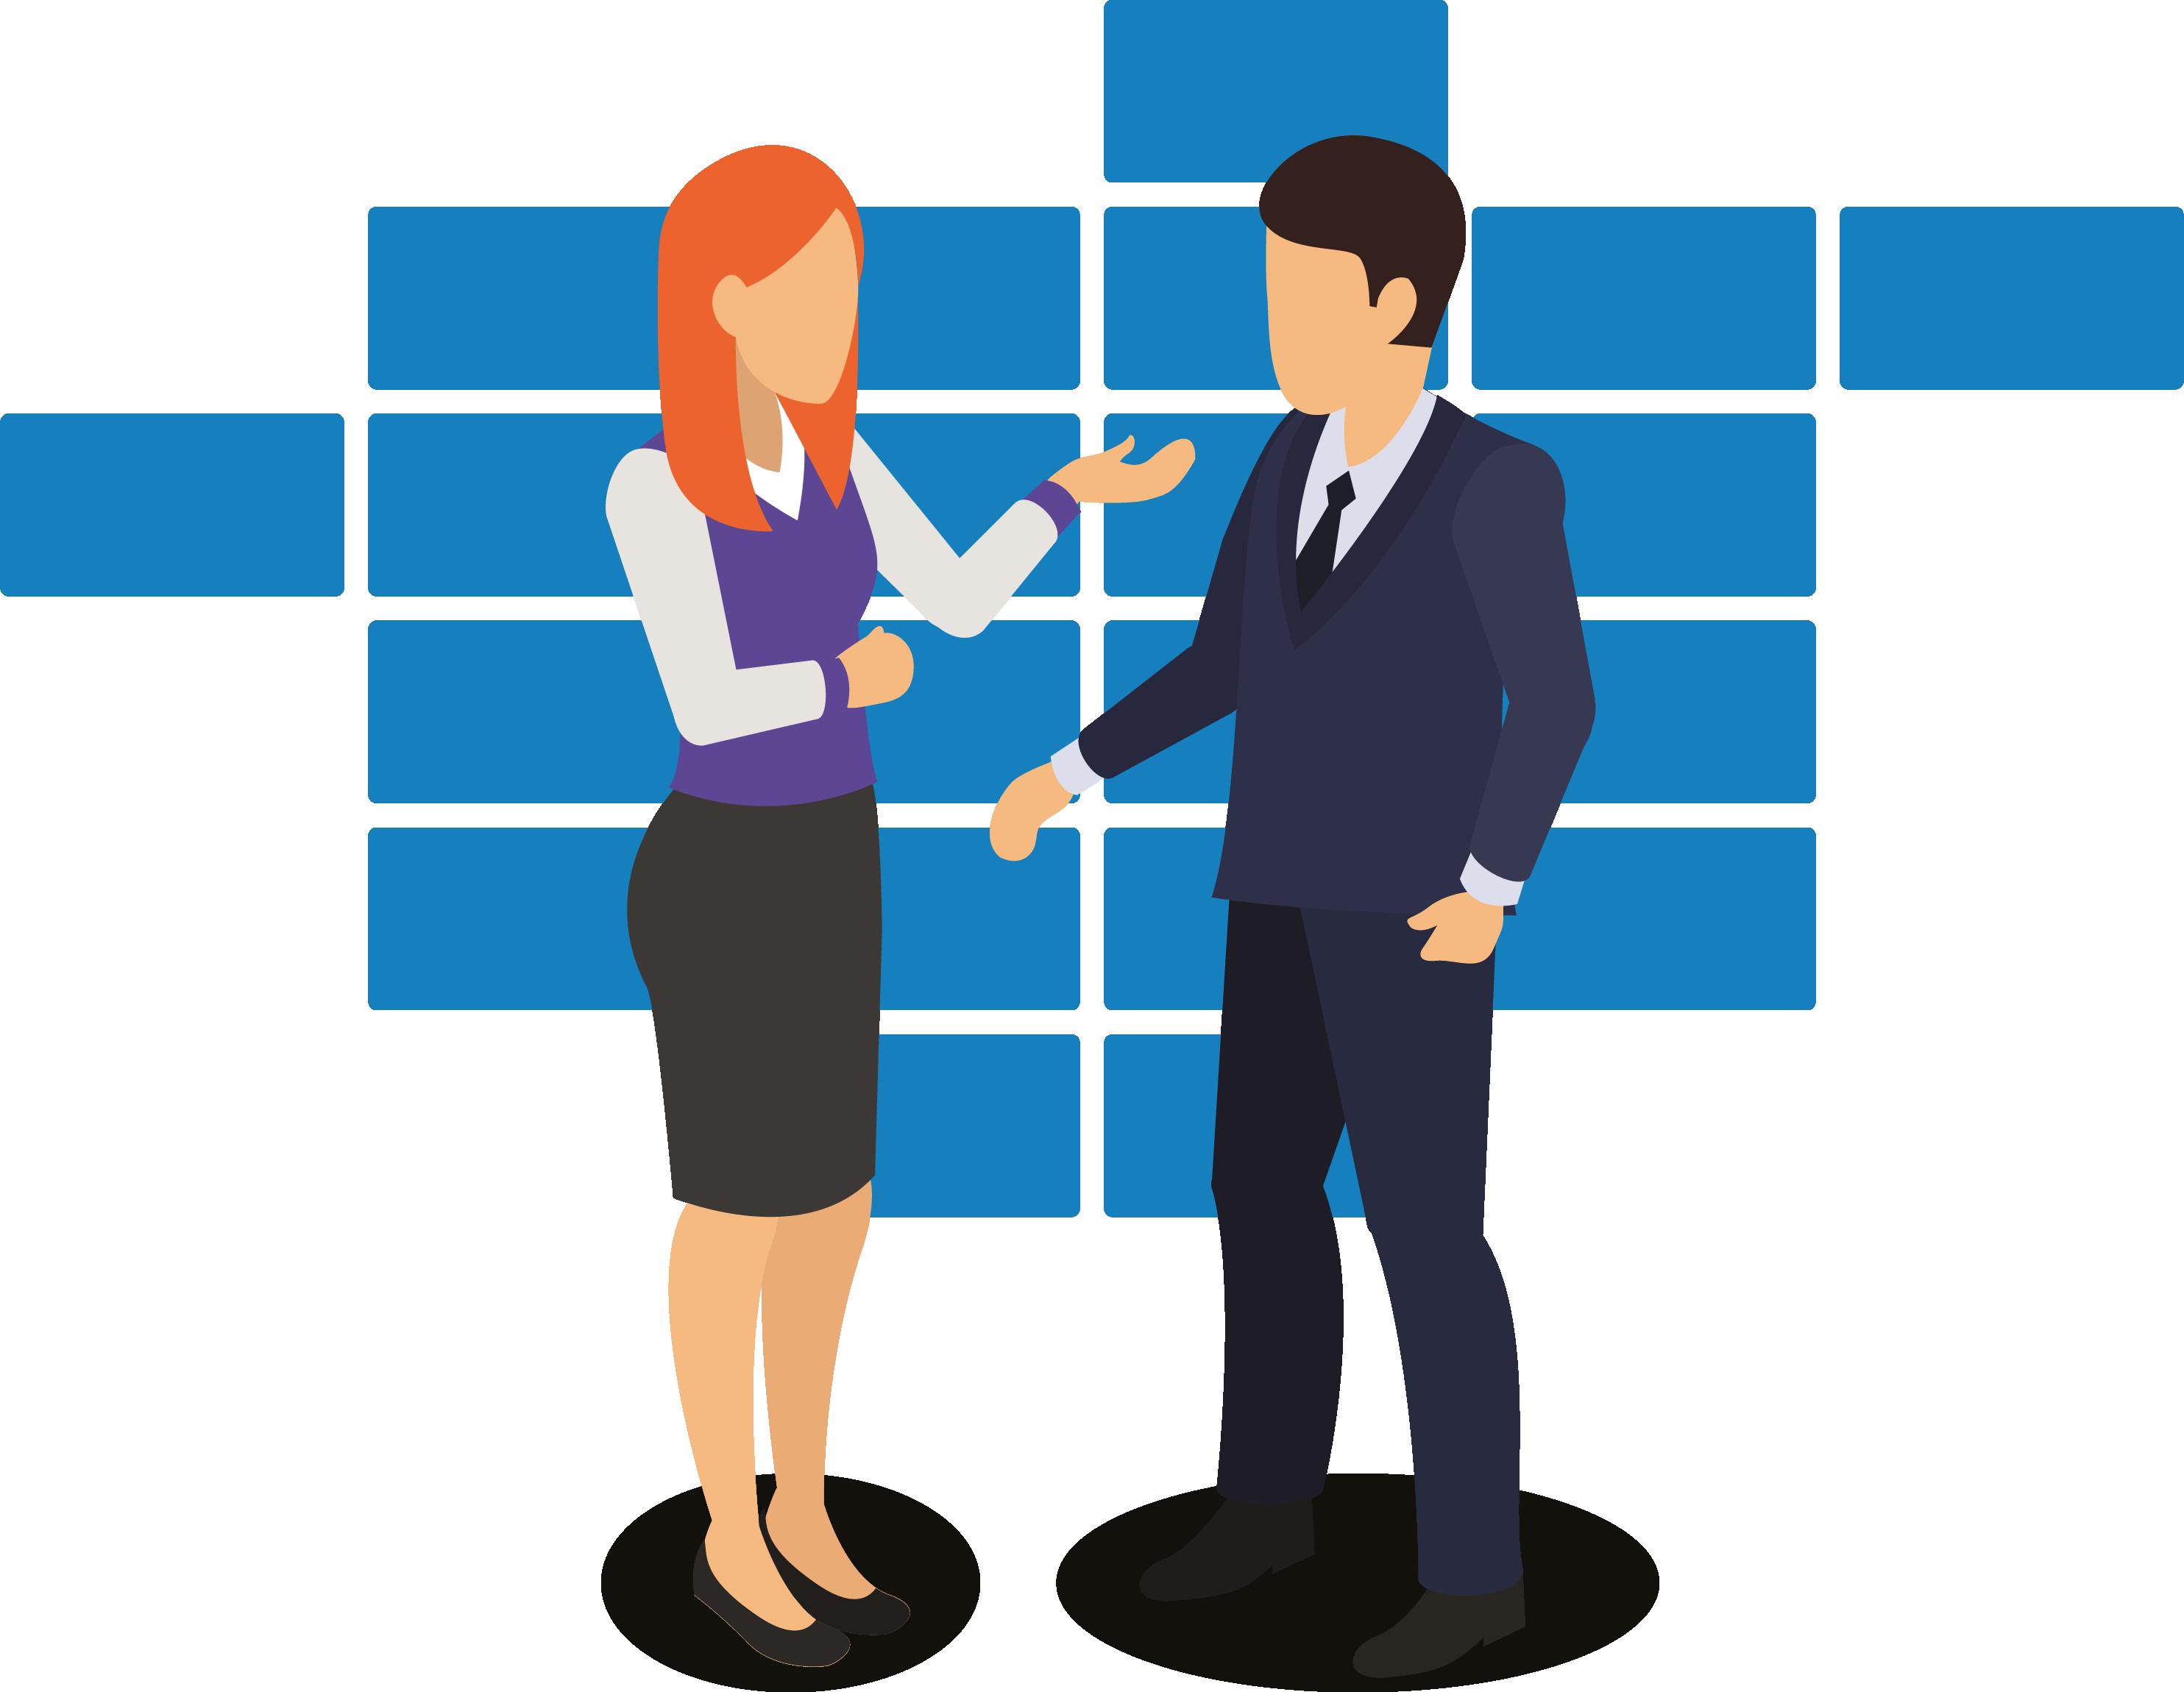 ilustração de uma mulher e um homem conversando sobre negócios